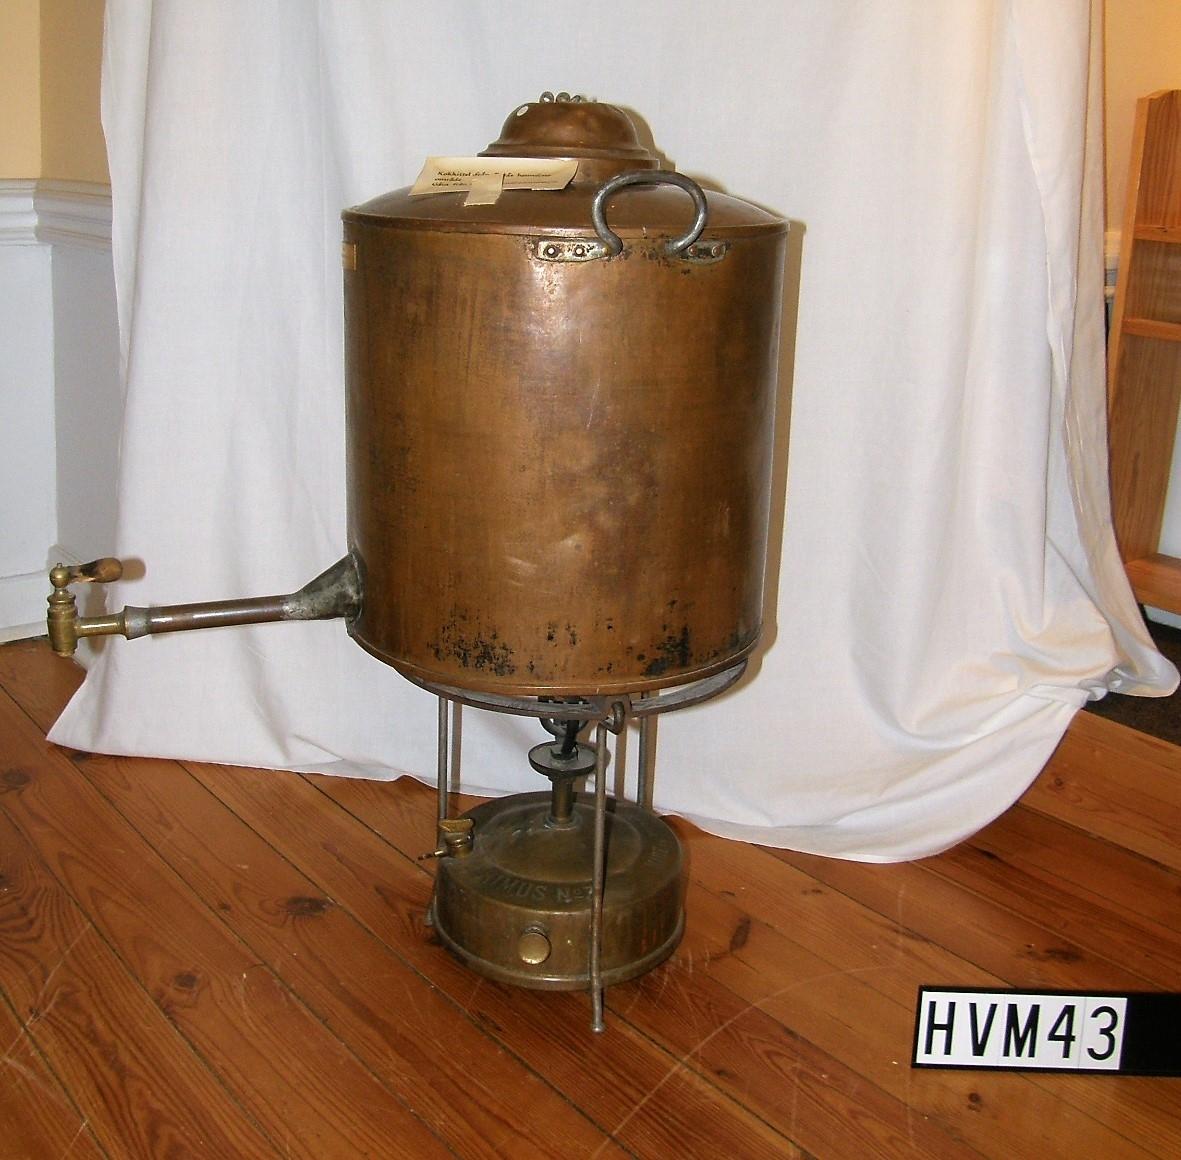 Kokkittel i koppar med avtappningskran och brännare.